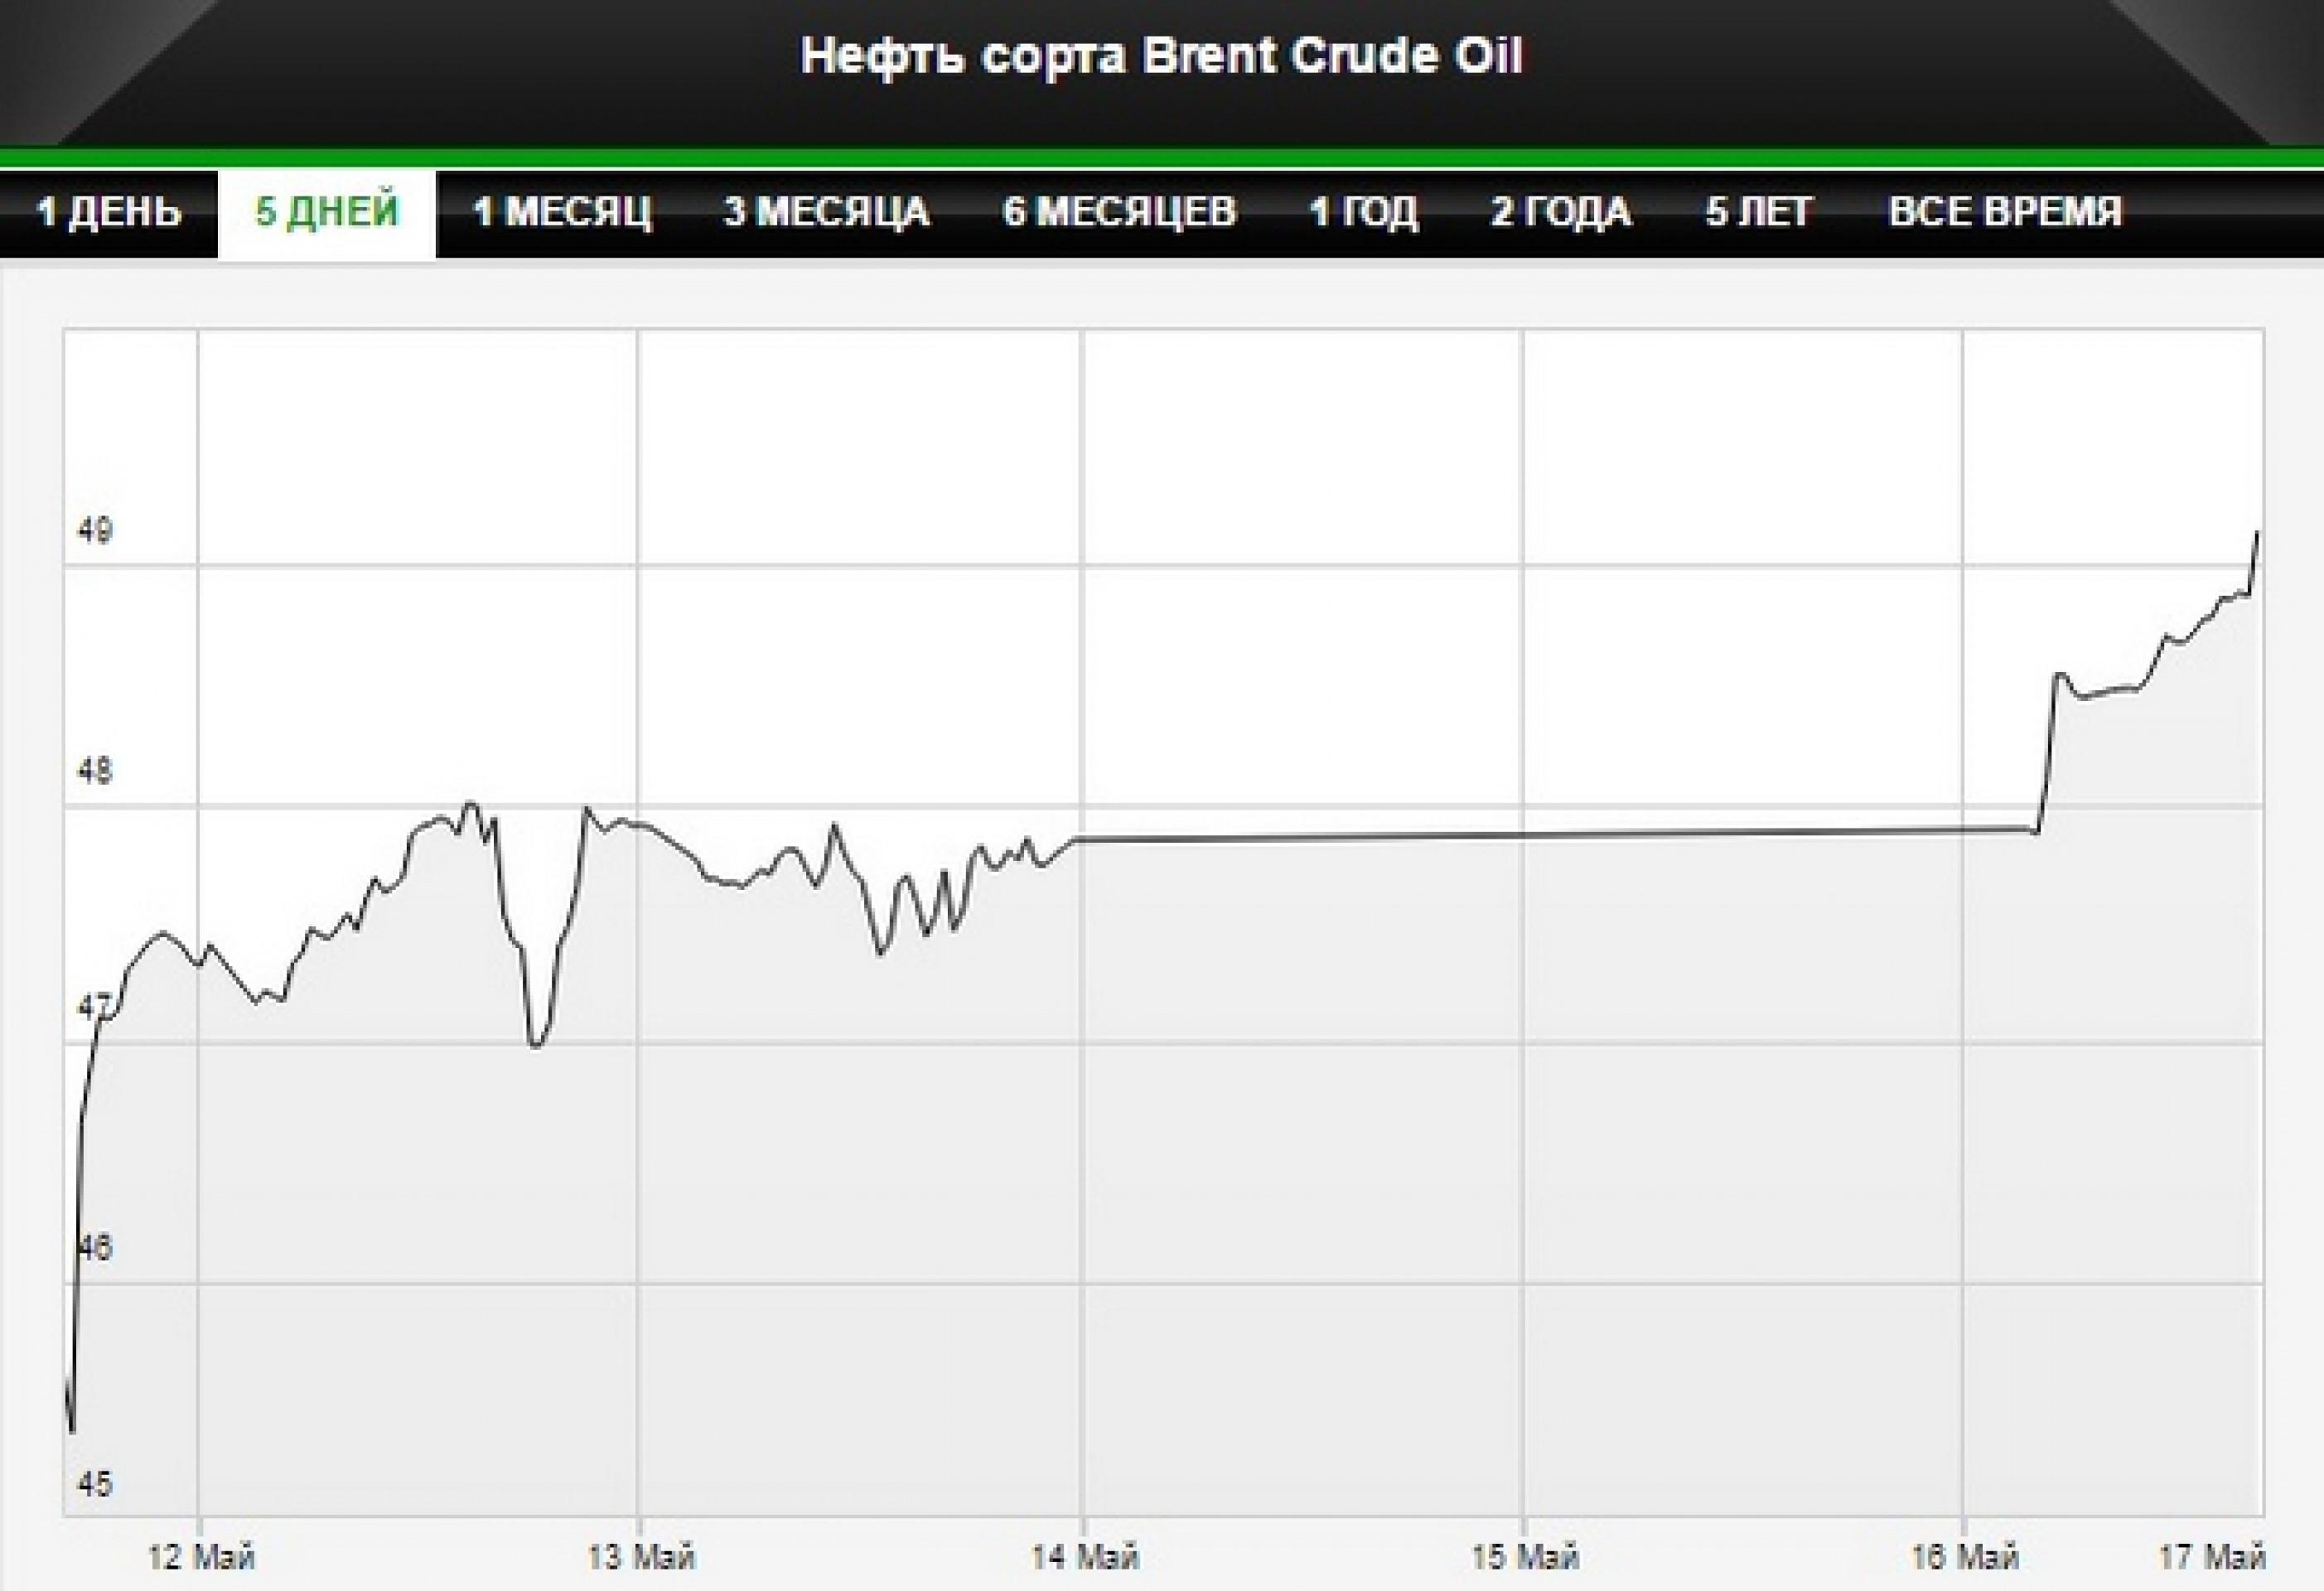 Цены на нефть на максимуме за полгода